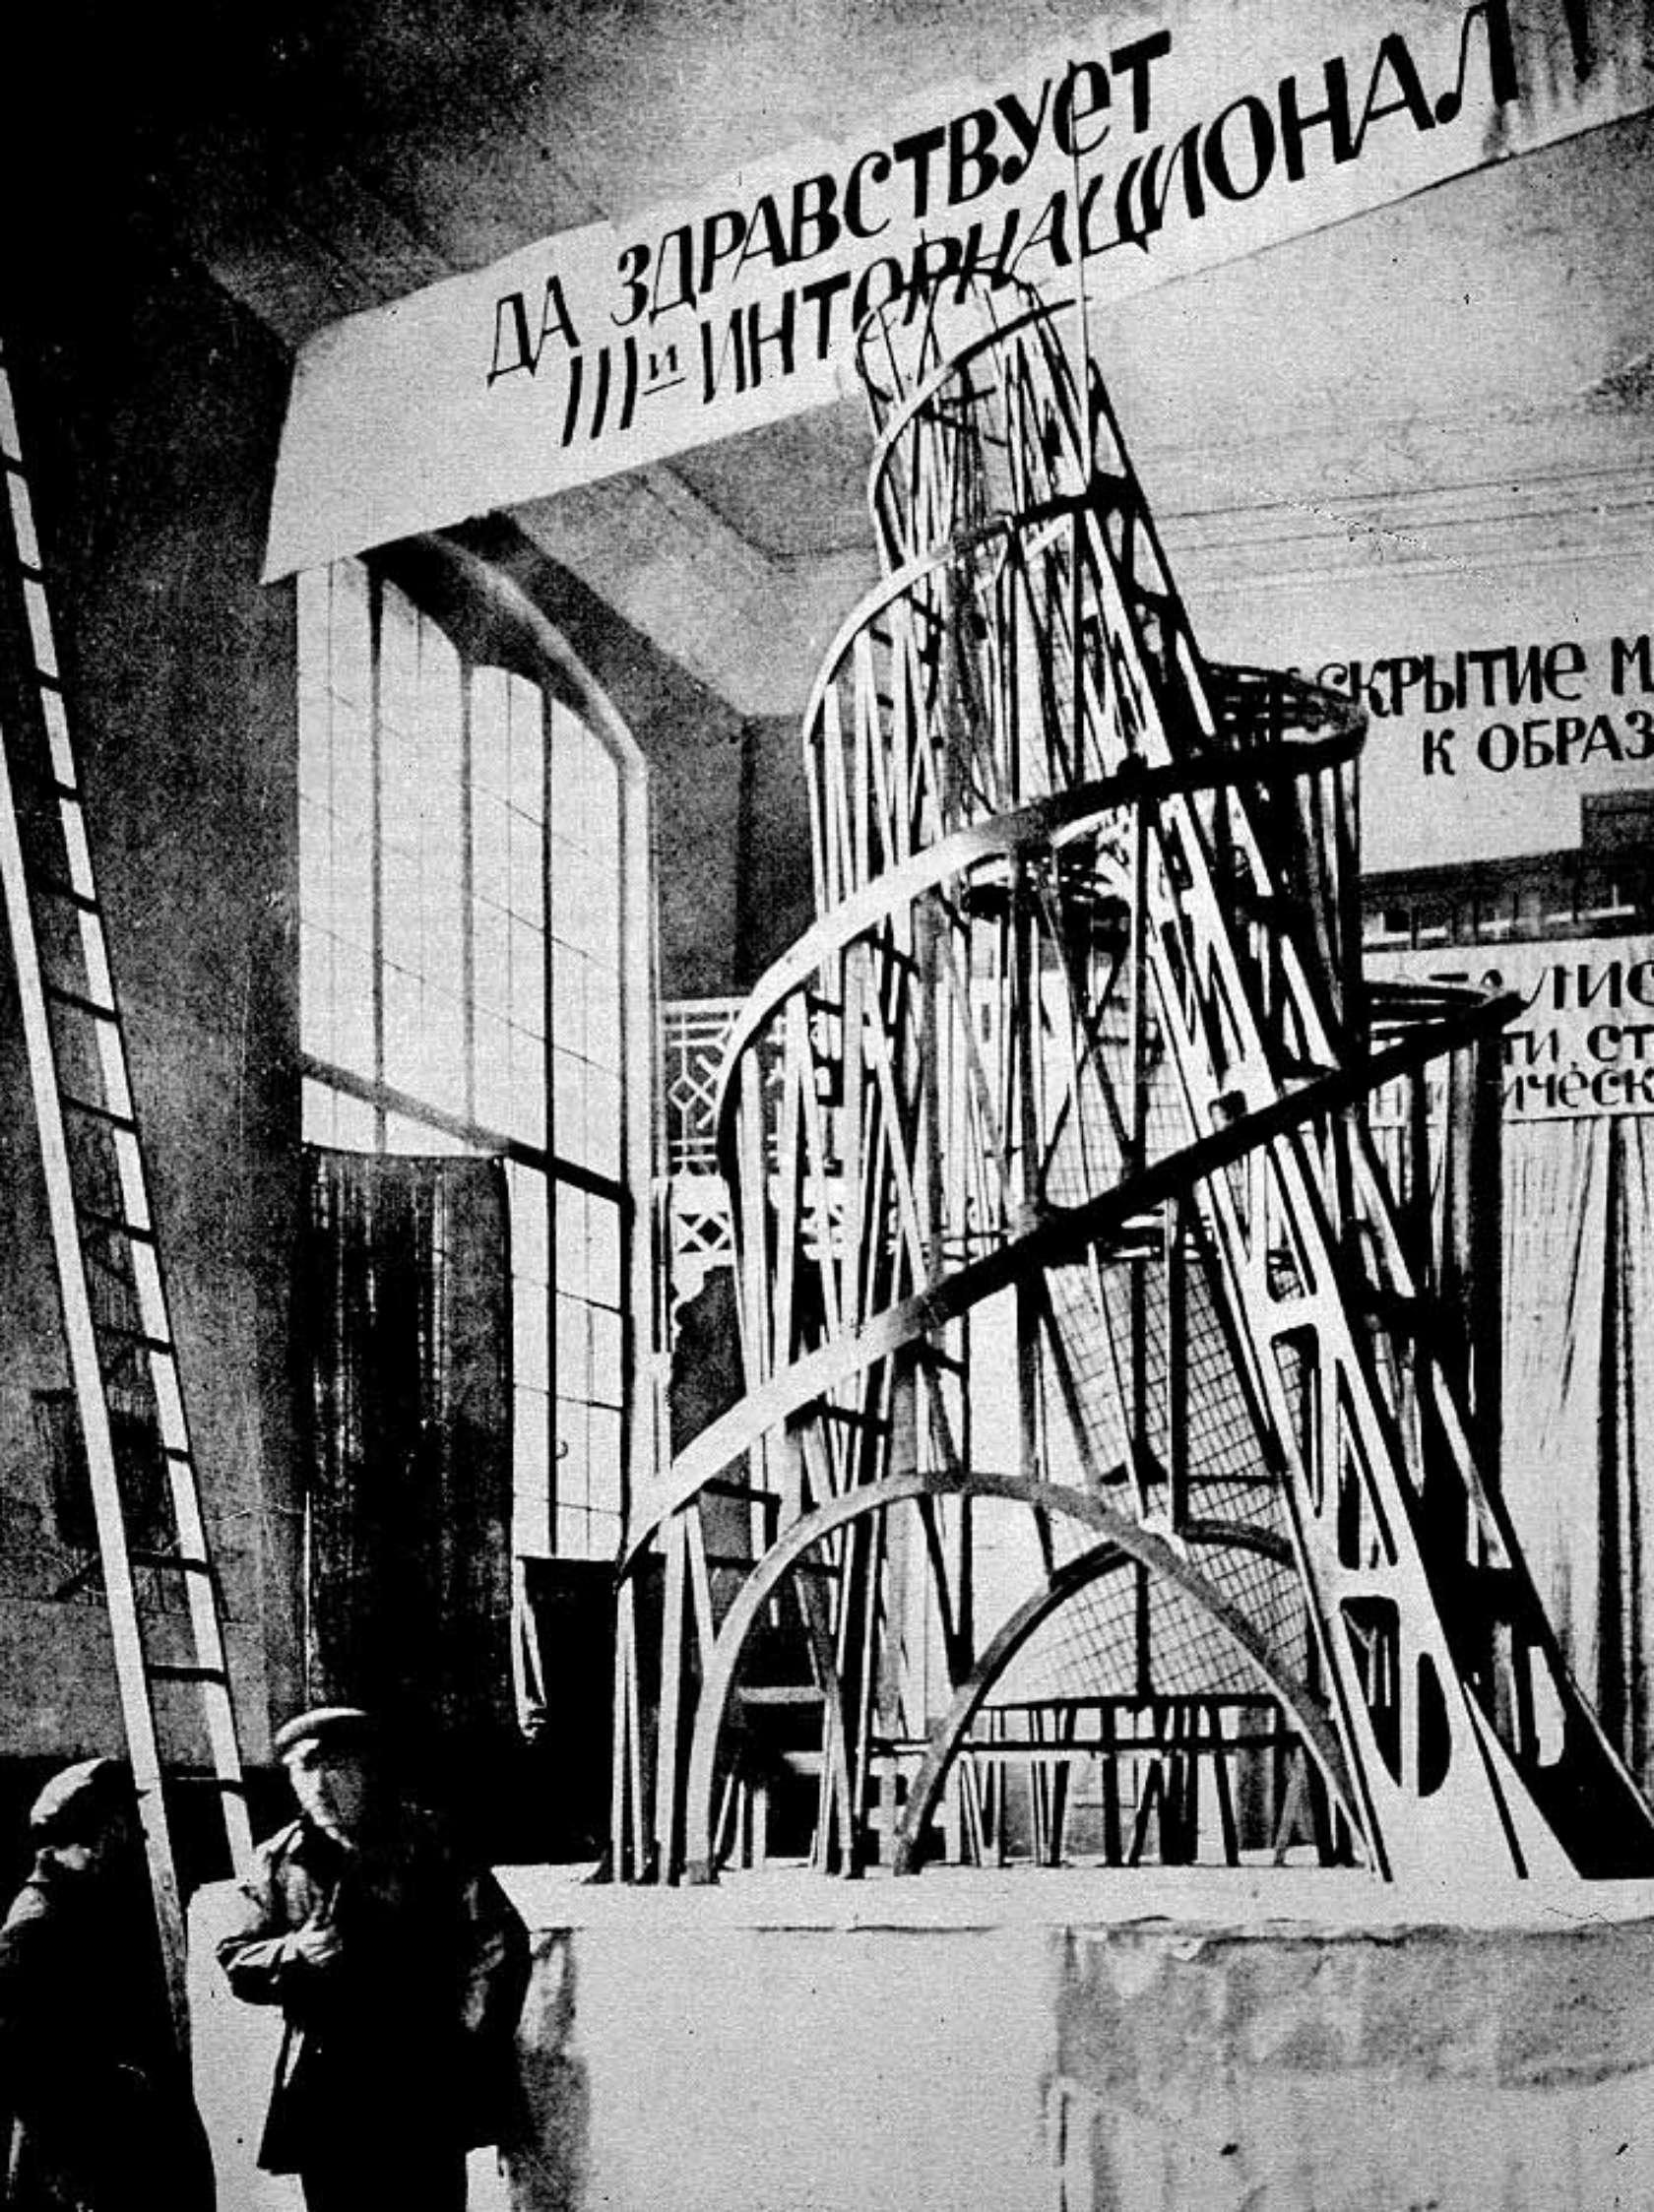 Nikolai Punin: Tatlin (Protiv kubizma) [Татлин (Против кубизма)]. Gosizdat, Petrograd 1921. Public Domain.